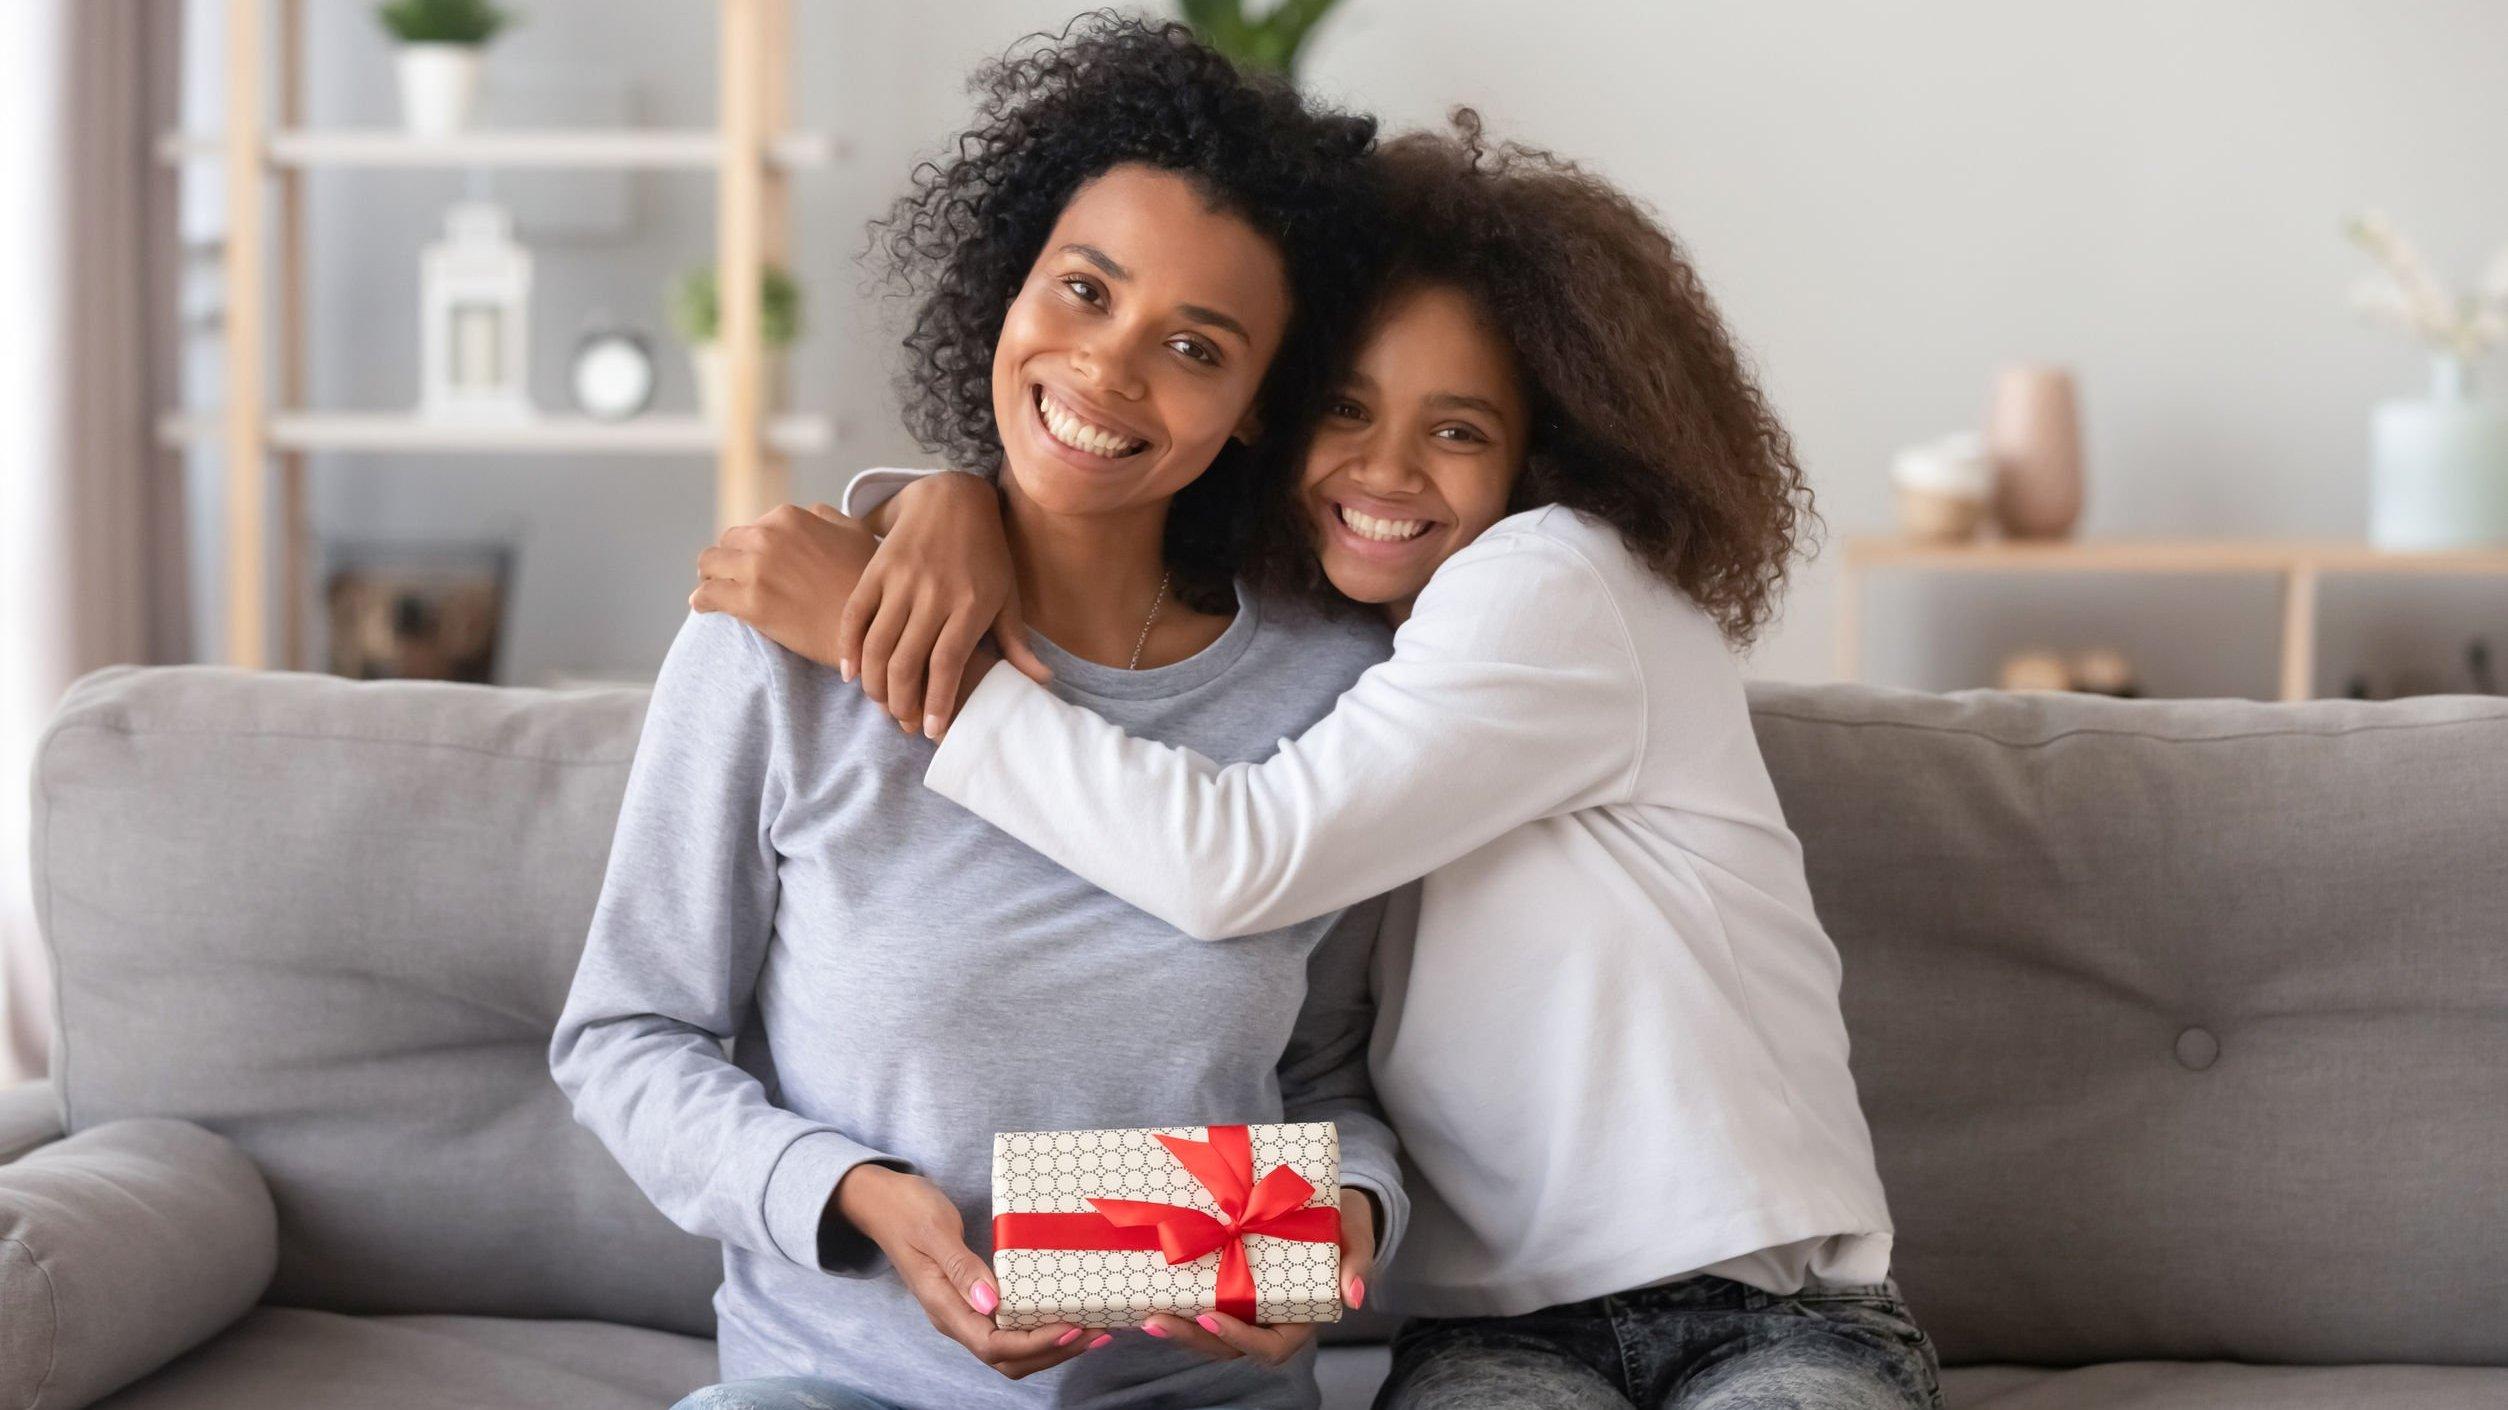 Filha abraça mãe, que segura um presente.